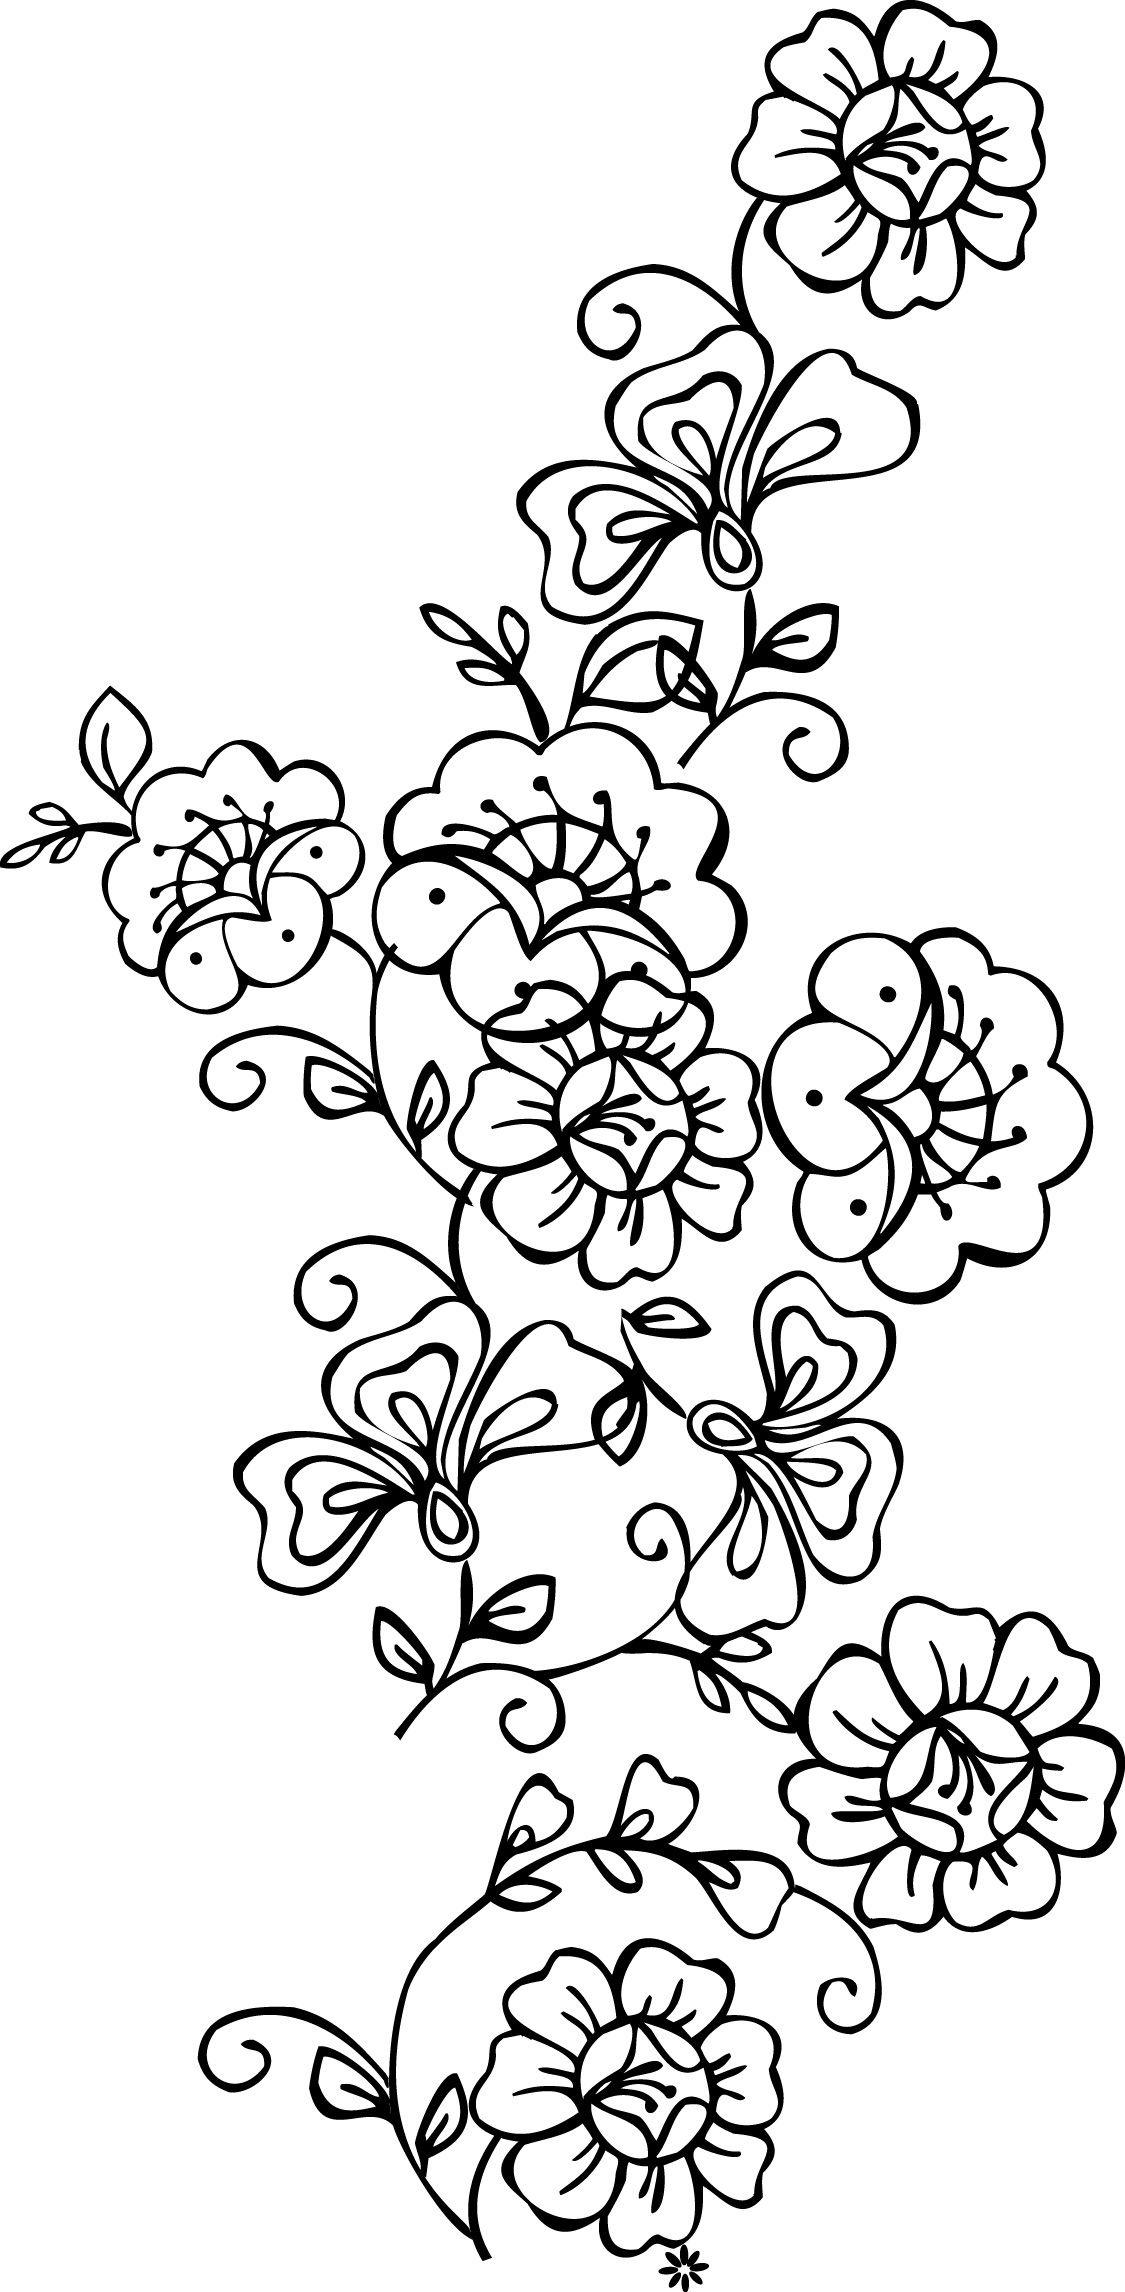 Free Printable Stencils Of Trees   Stencils Designs Free Printable - Free Printable Lace Stencil